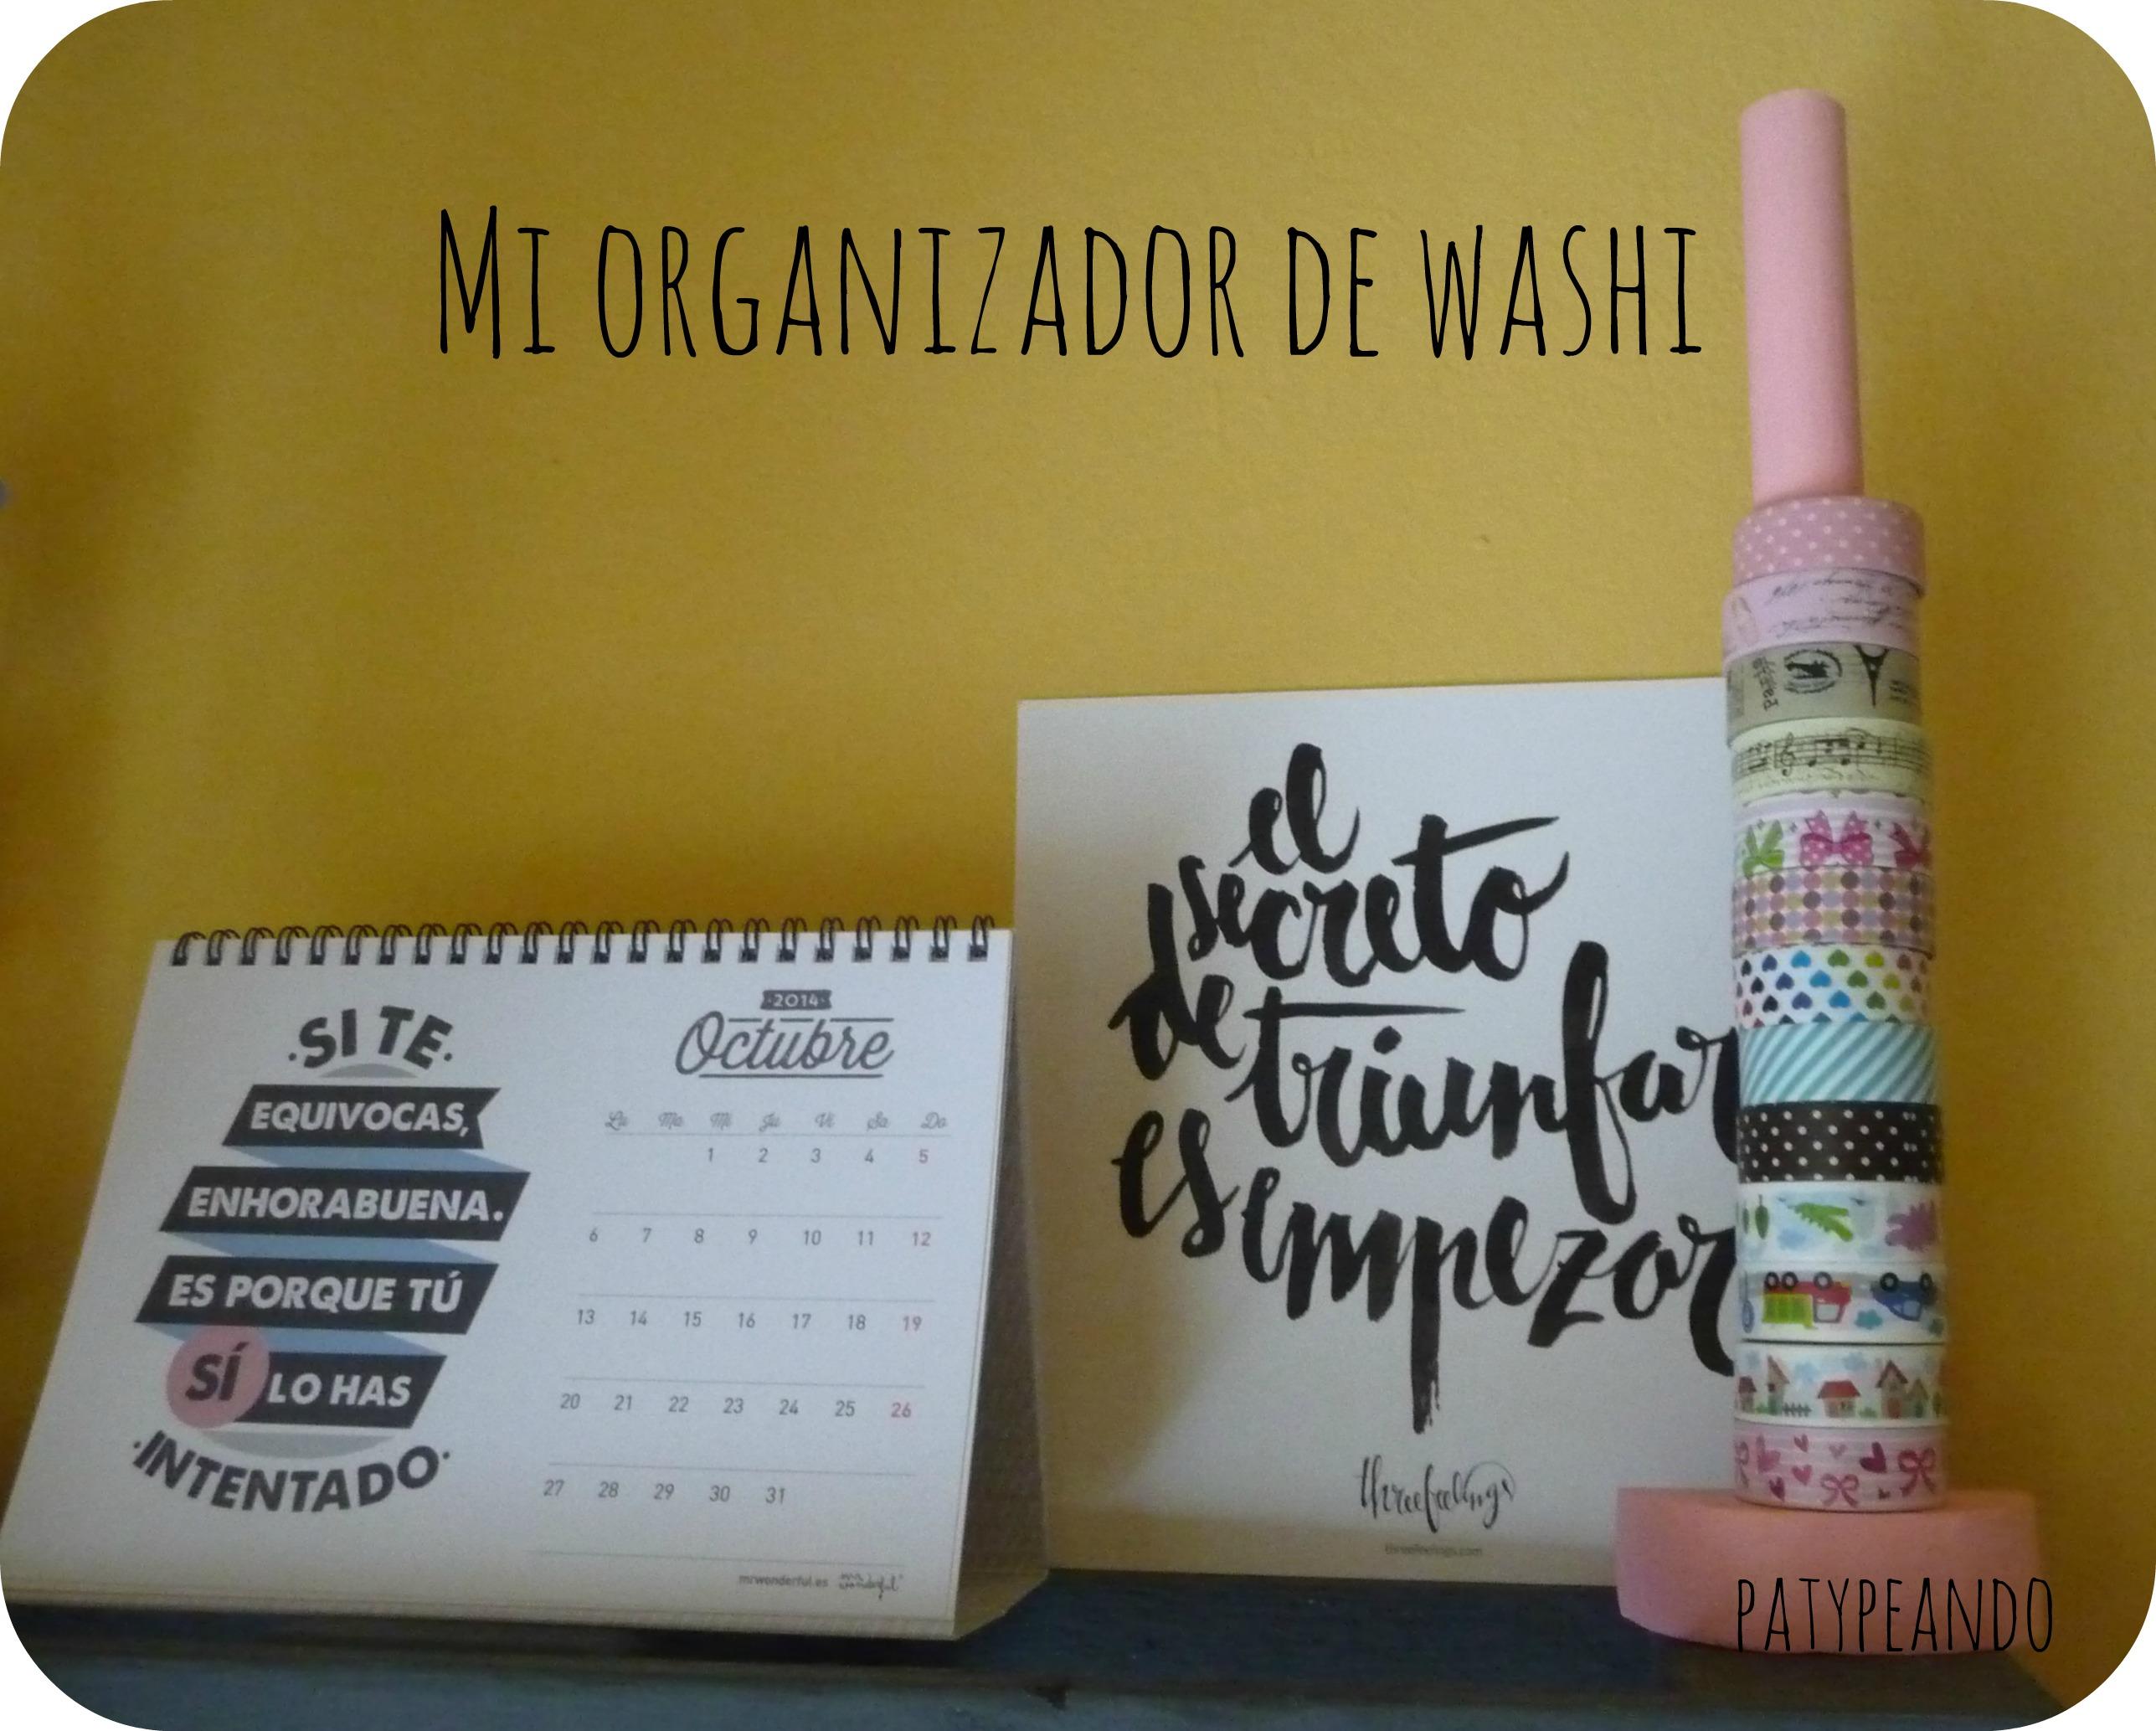 organizador washis1